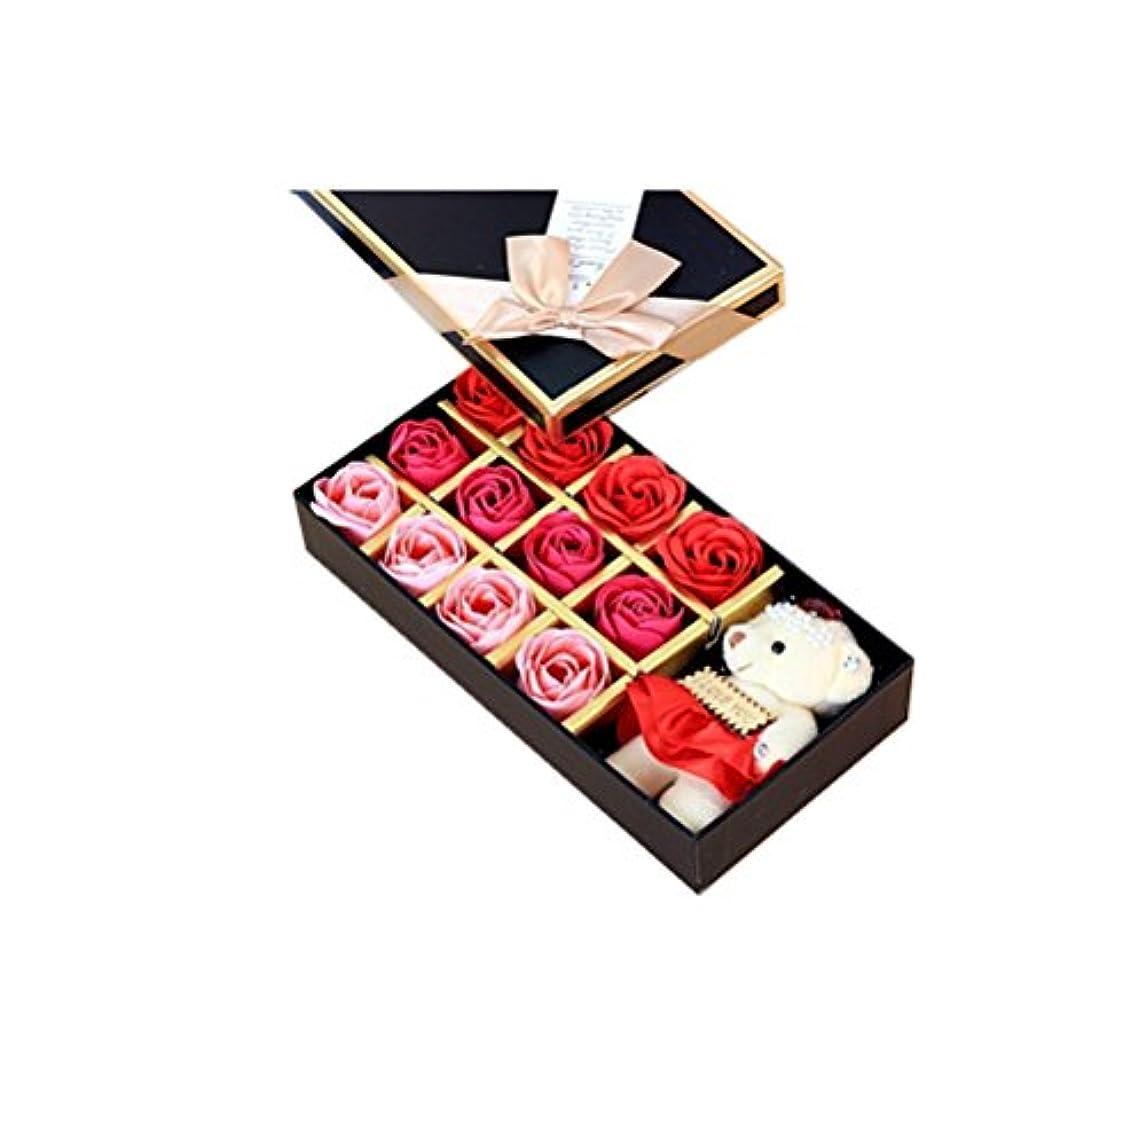 放射性敬礼聴覚障害者ROSENICE 香り バラの花 お風呂 石鹸 ギフトボックス (赤)